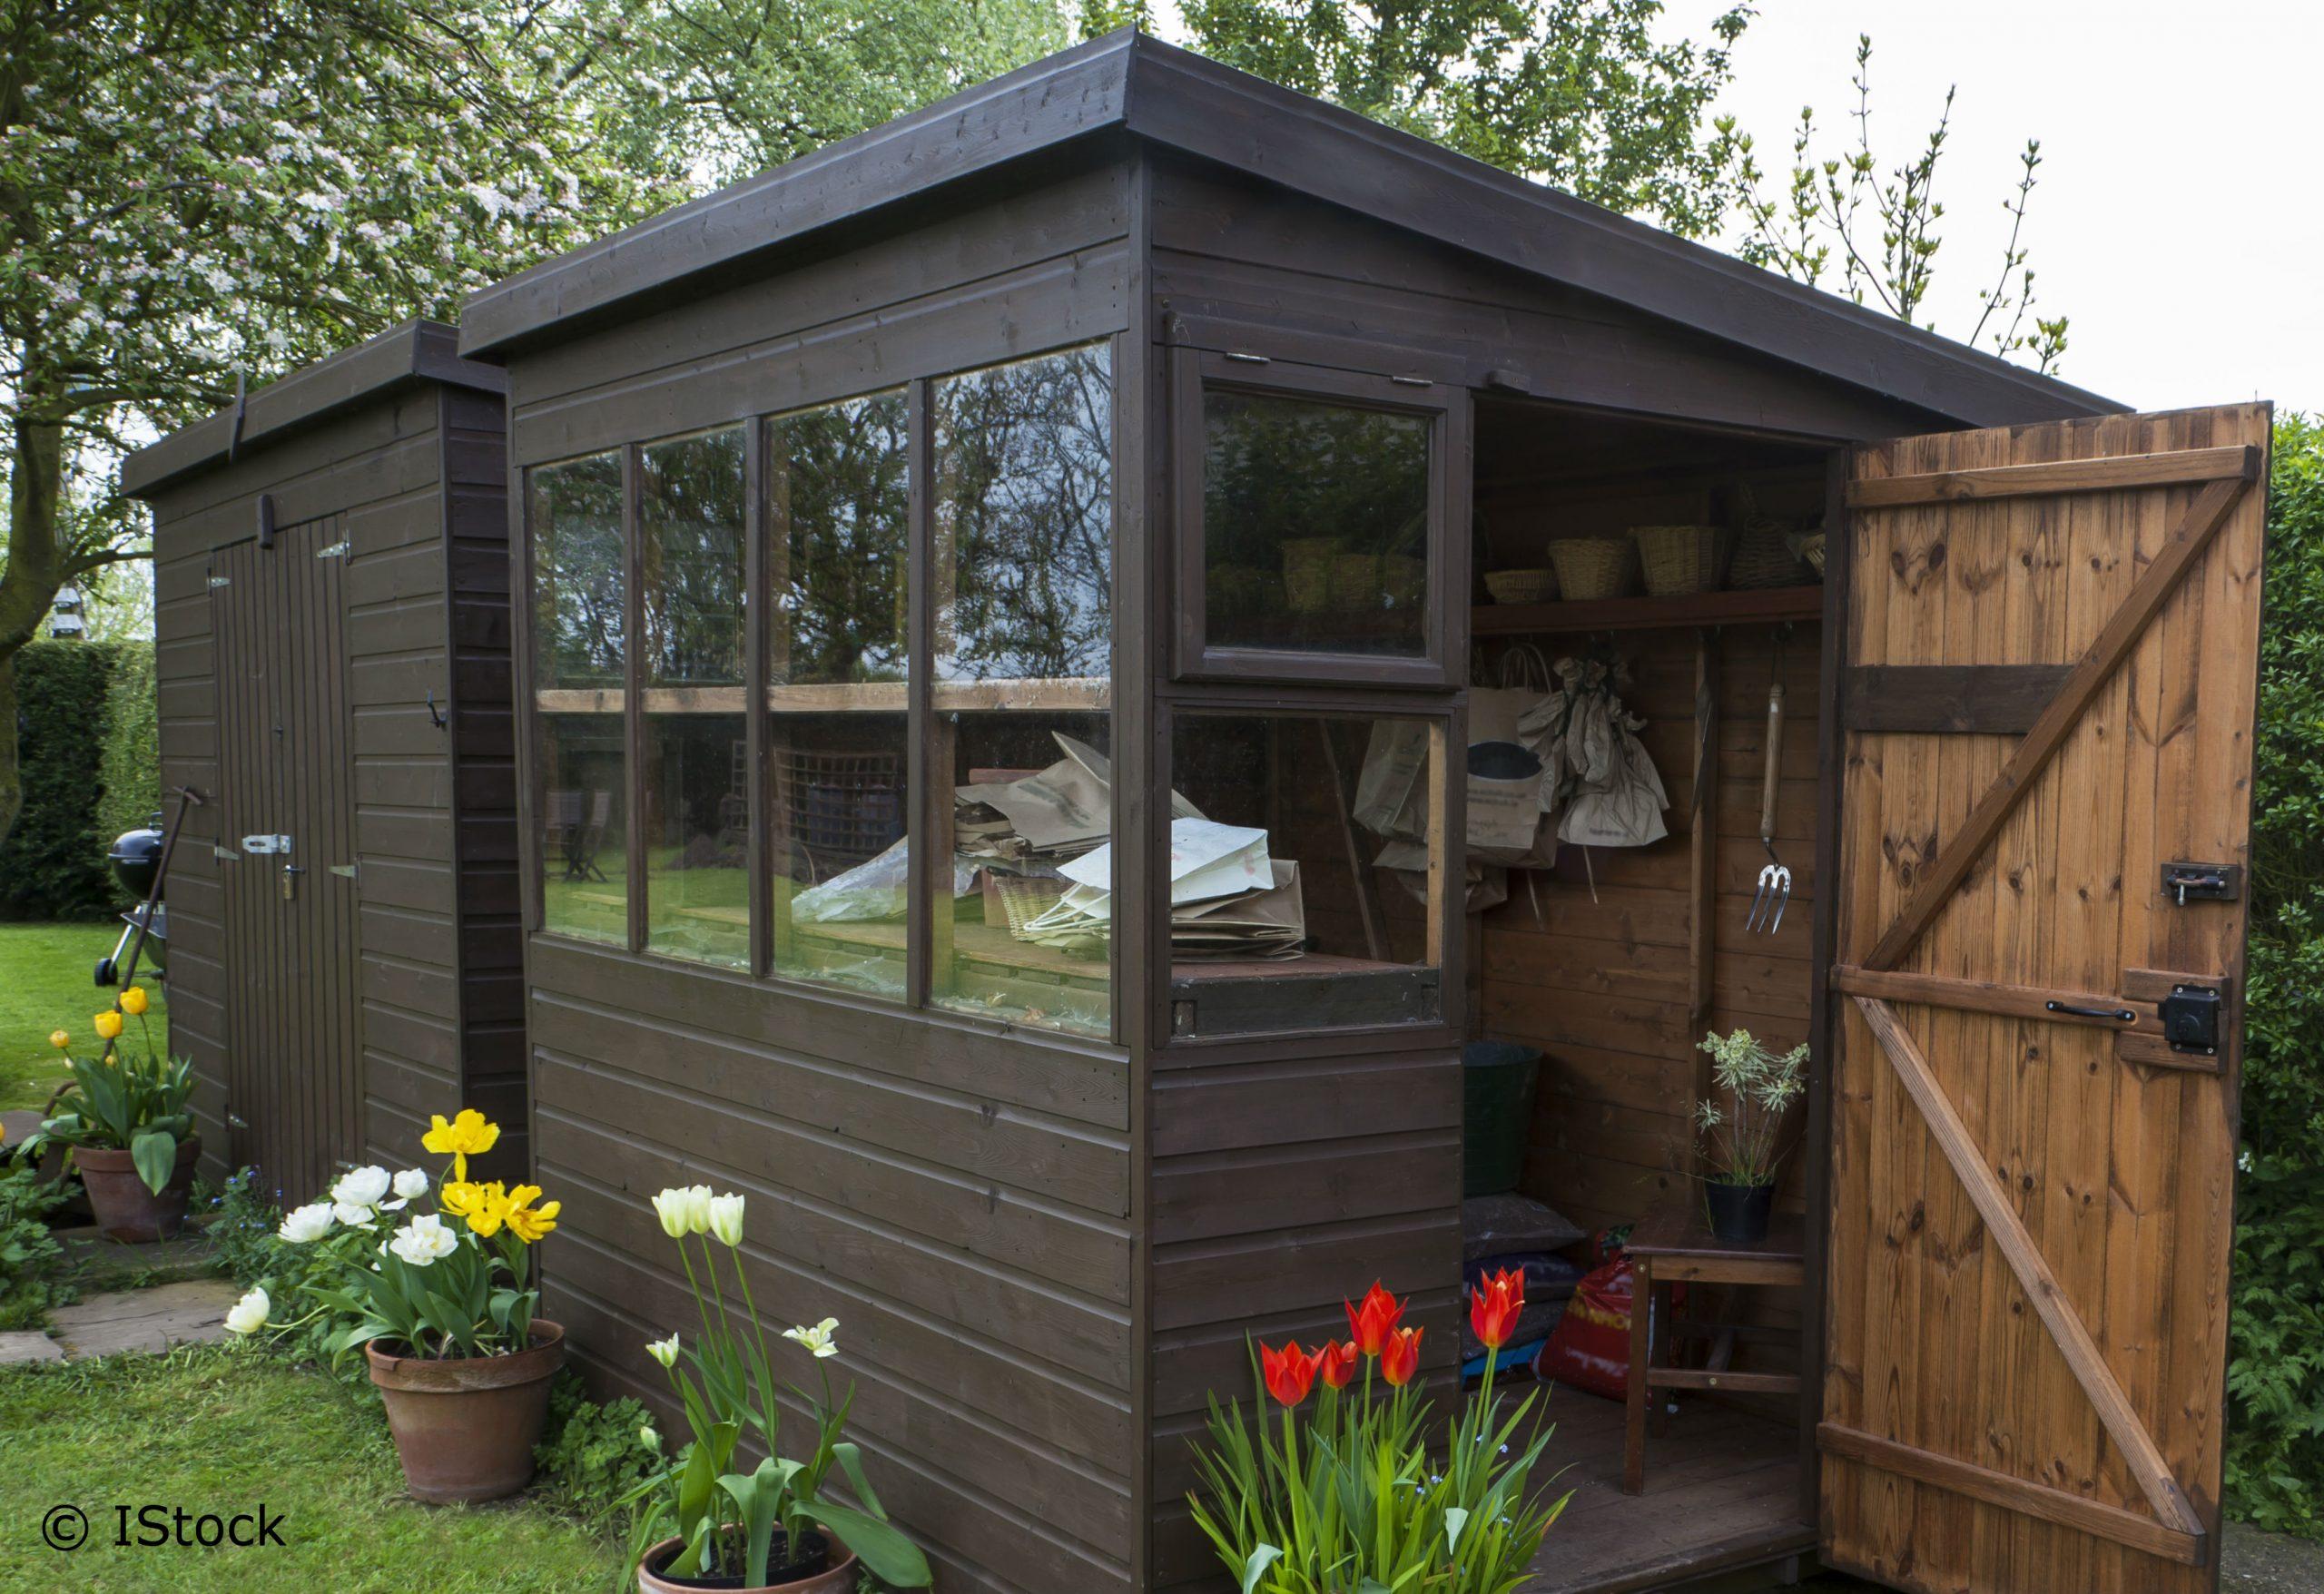 Fabriquer Un Abri De Jardin - Canalcncarauca destiné Fabriquer Cabane De Jardin